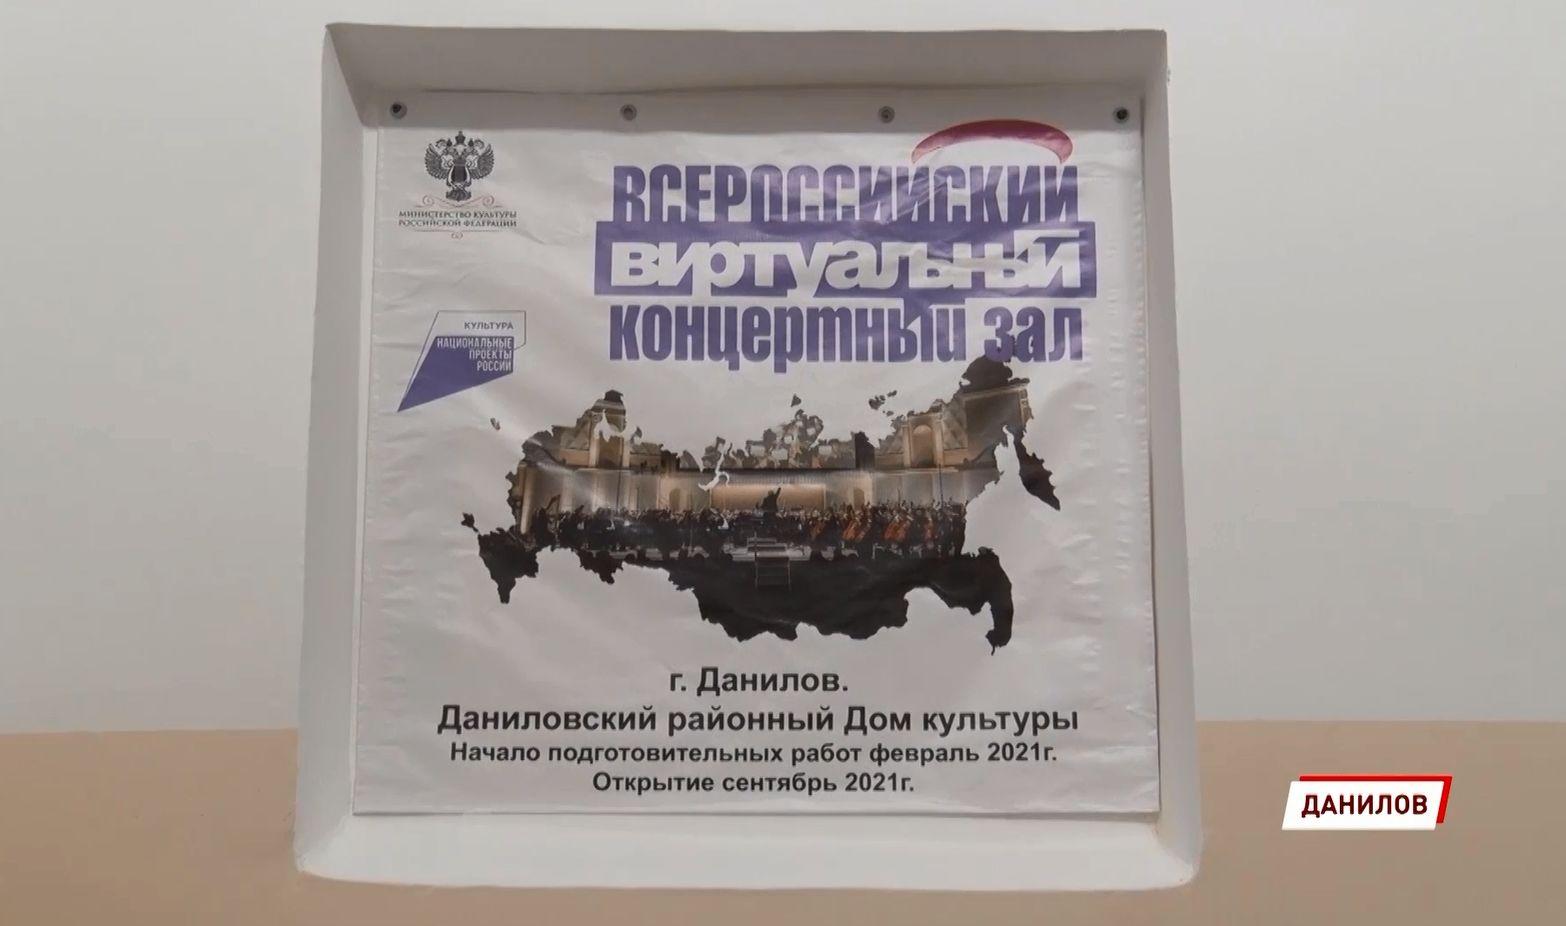 В Ярославской области в Даниловском культурно-досуговом центре расположился виртуальный концертный зал